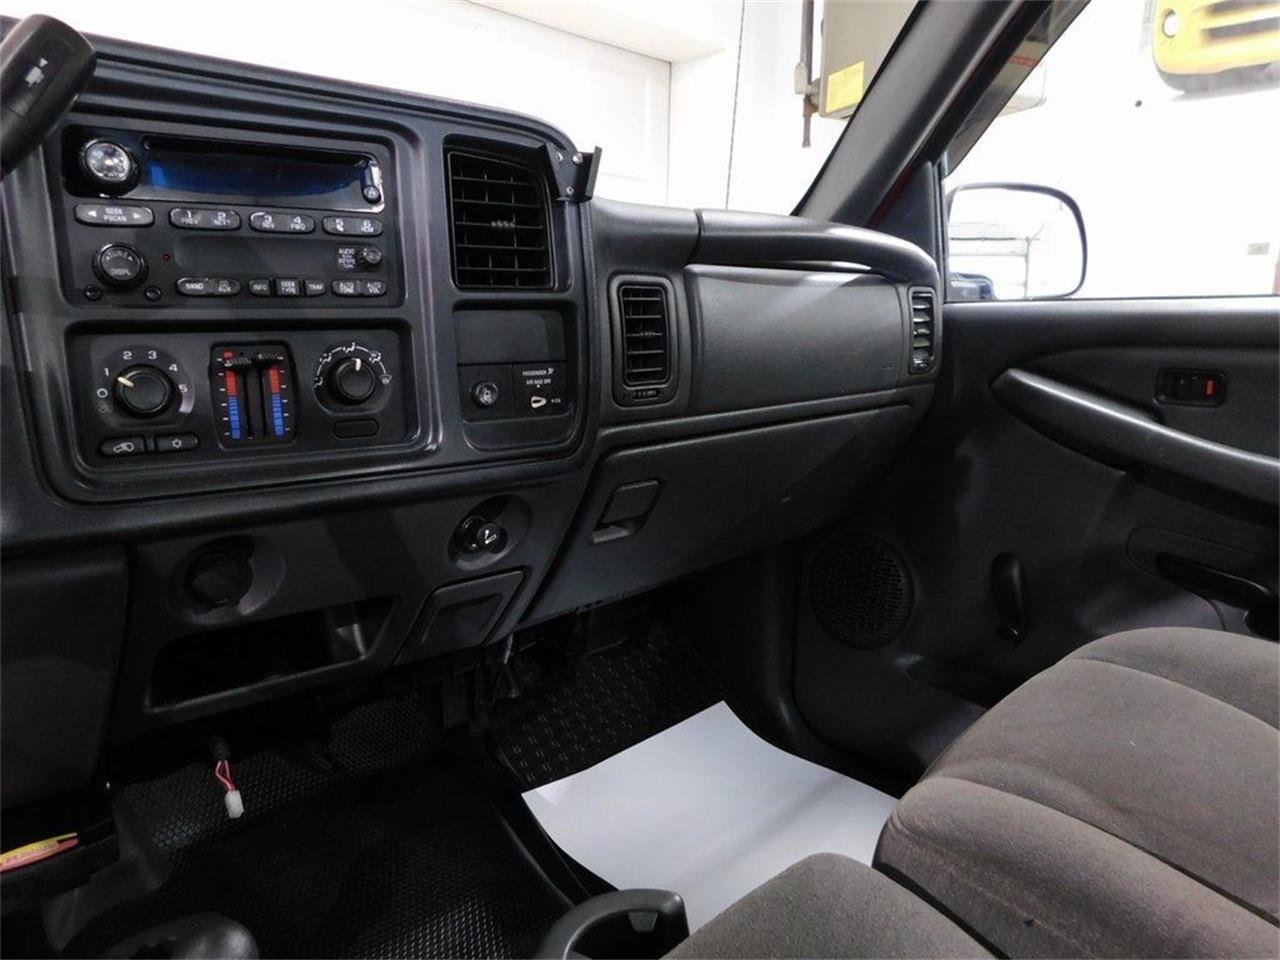 2007 Chevrolet Silverado (CC-1311448) for sale in Hamburg, New York